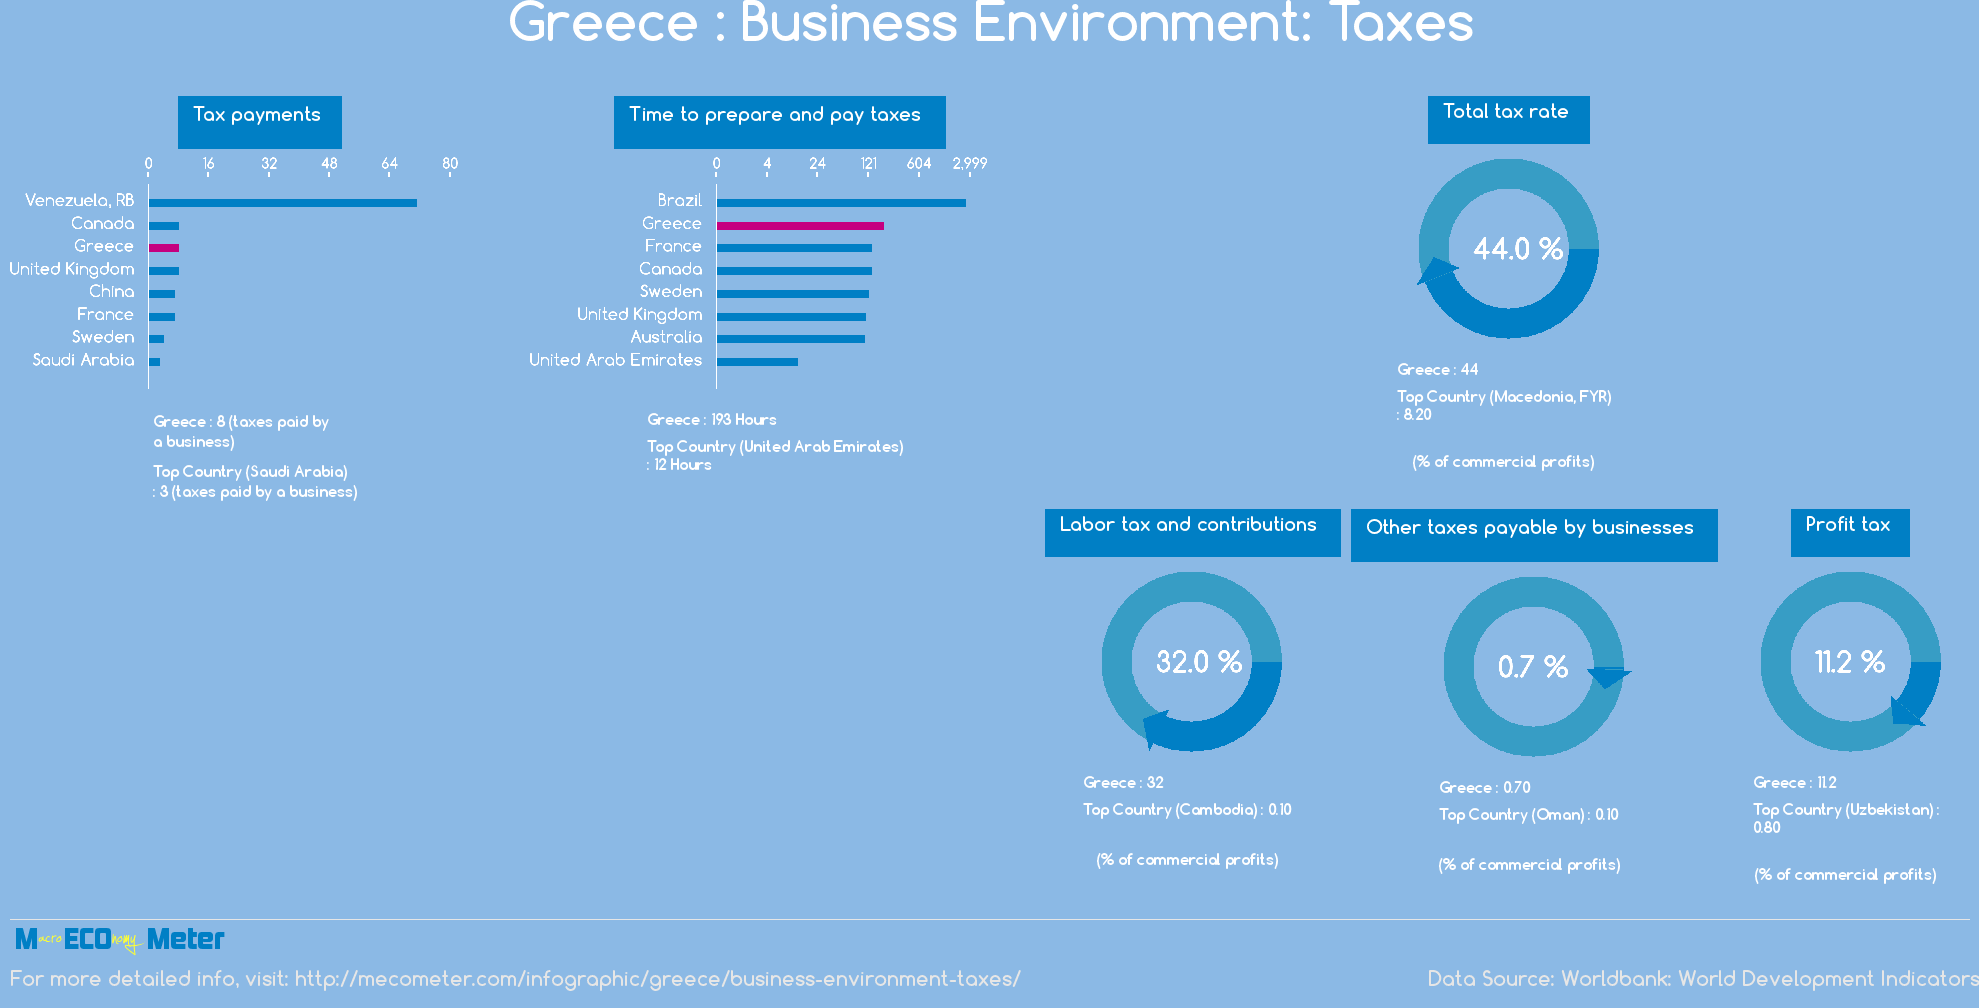 Greece : Business Environment: Taxes